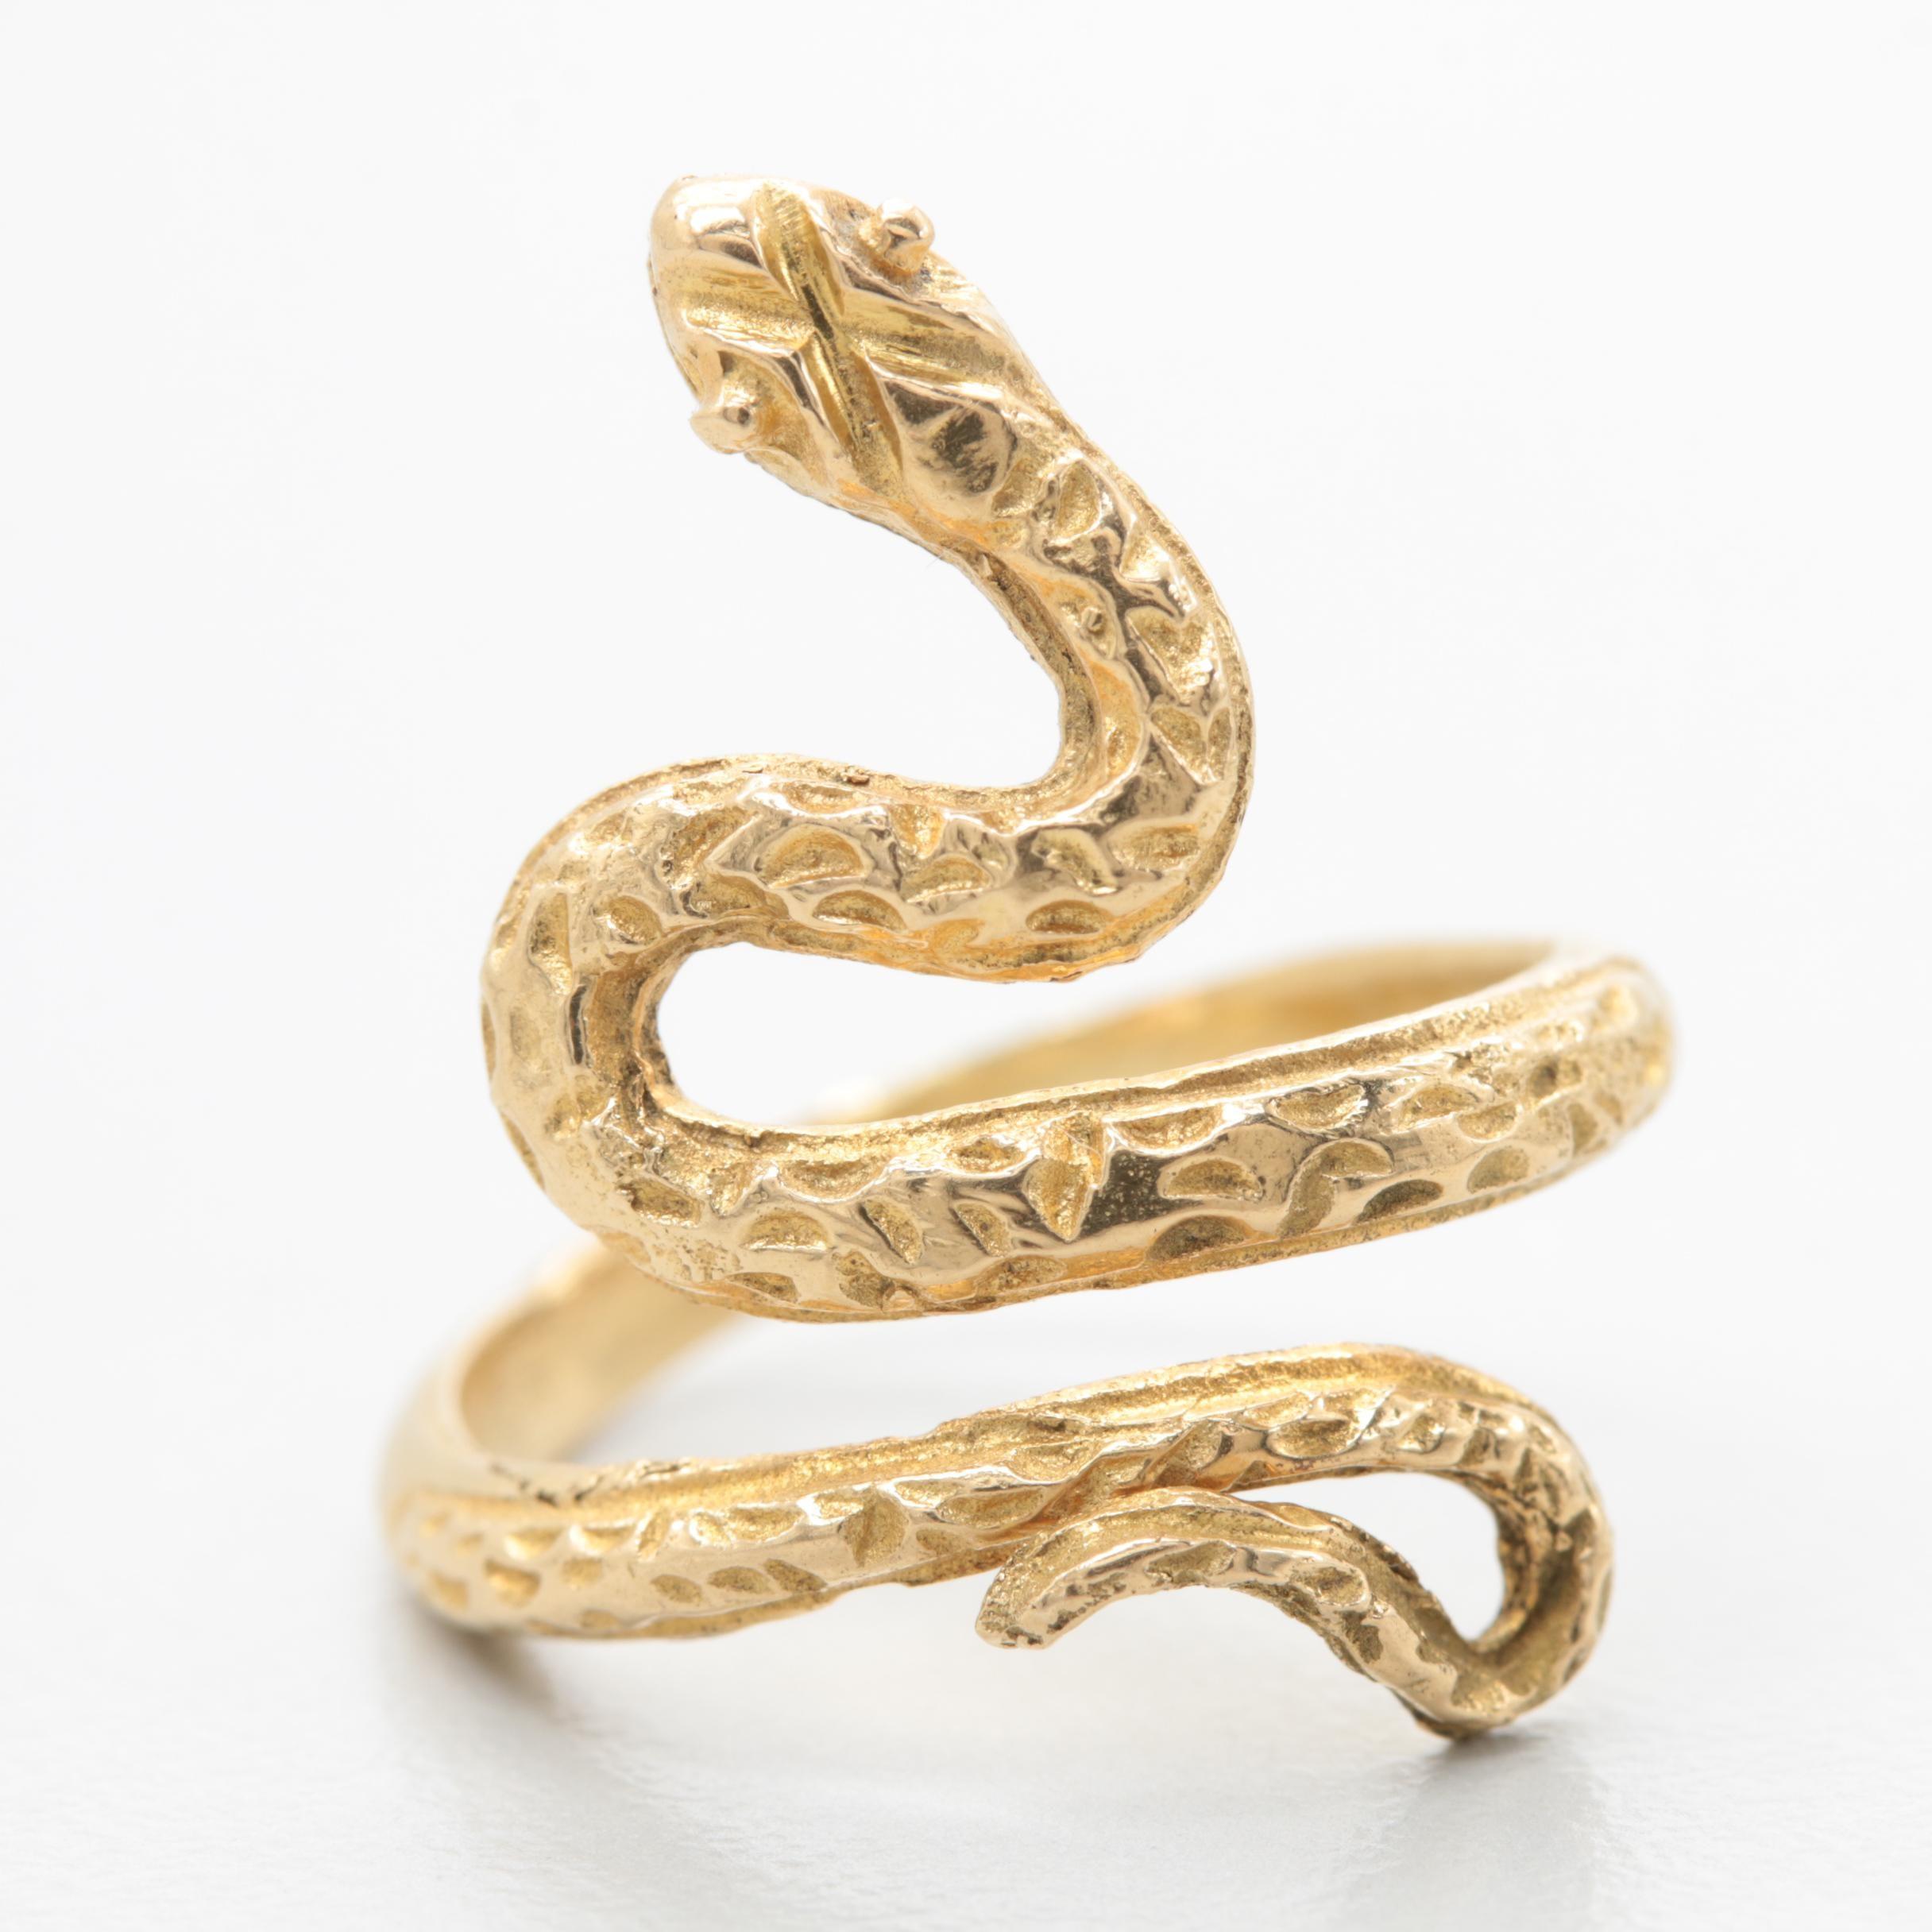 18K Yellow Gold Snake Motif Ring